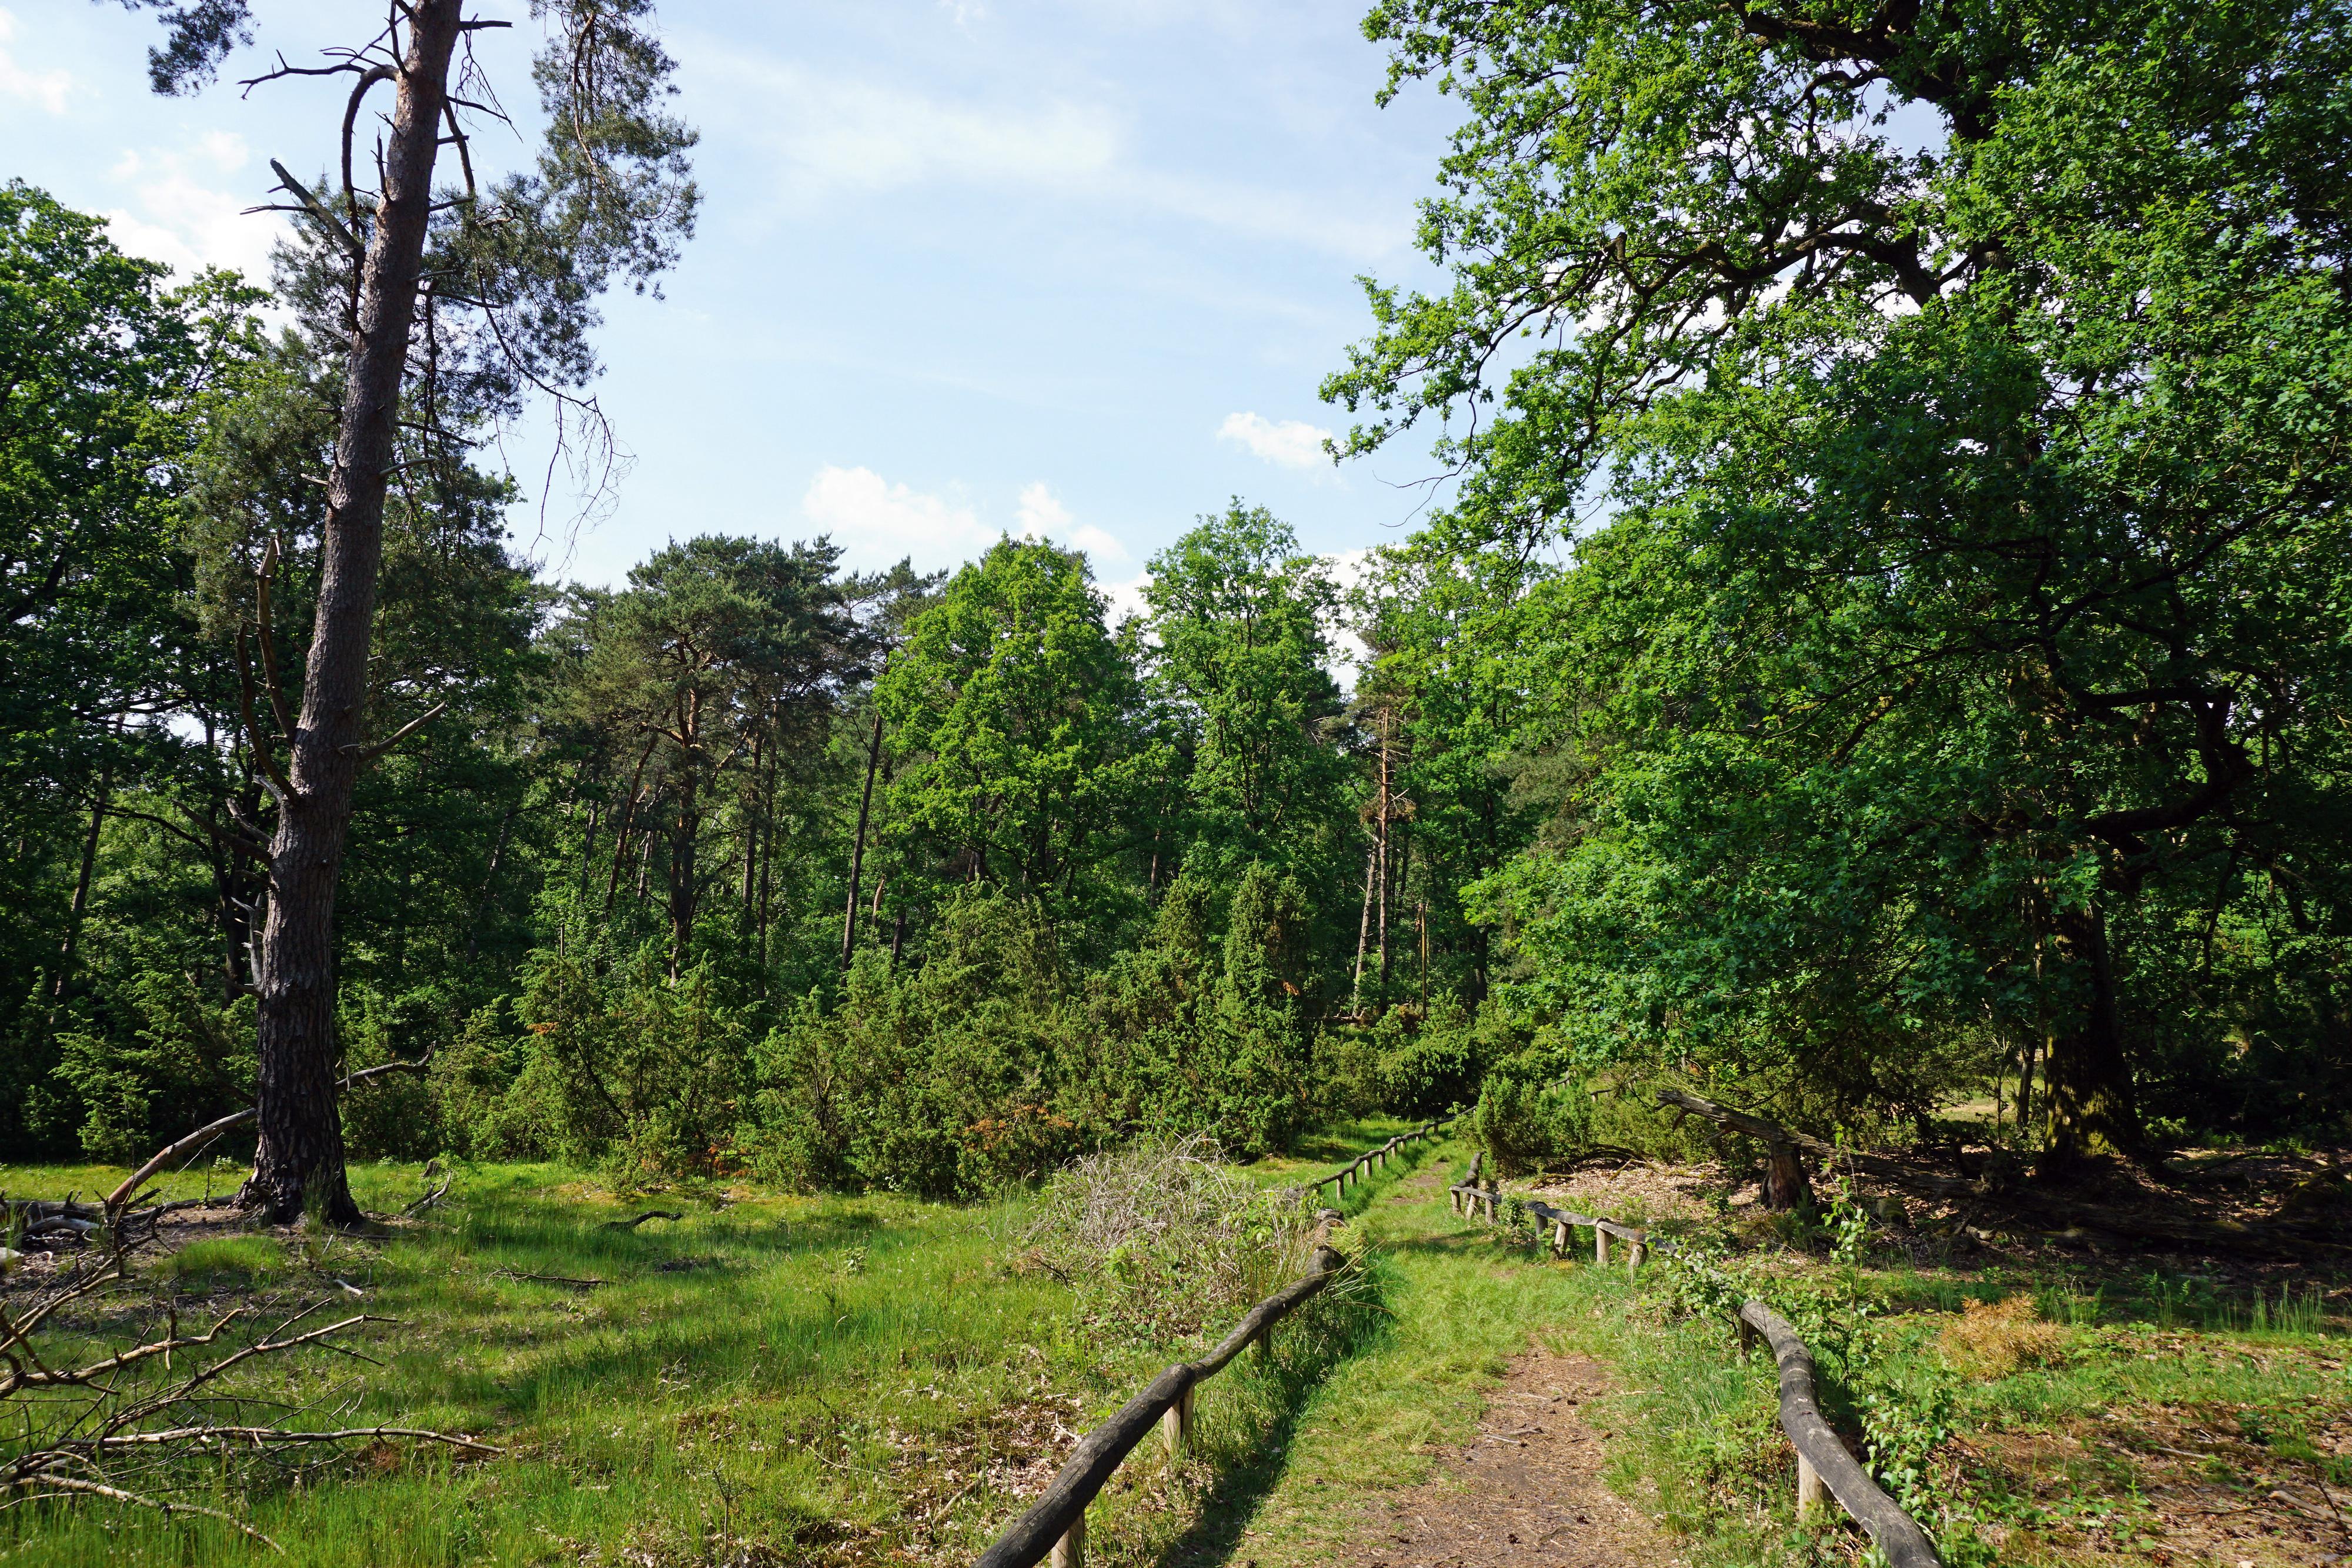 Im Naturschutzgebiet Bockholter Berge © Thorsten Hoyer